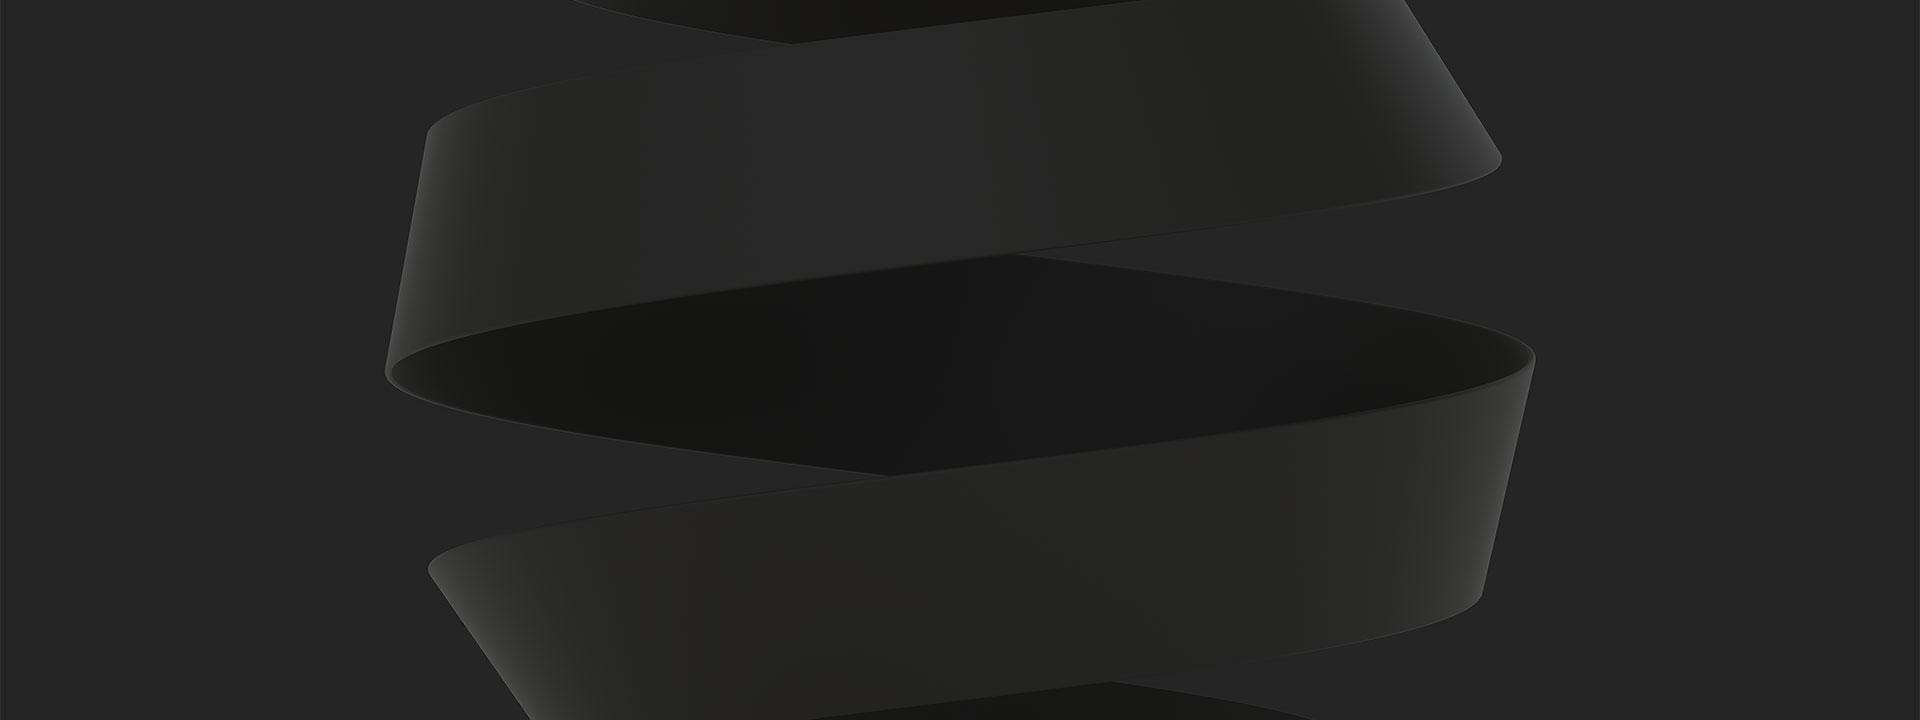 (c) Webit.de